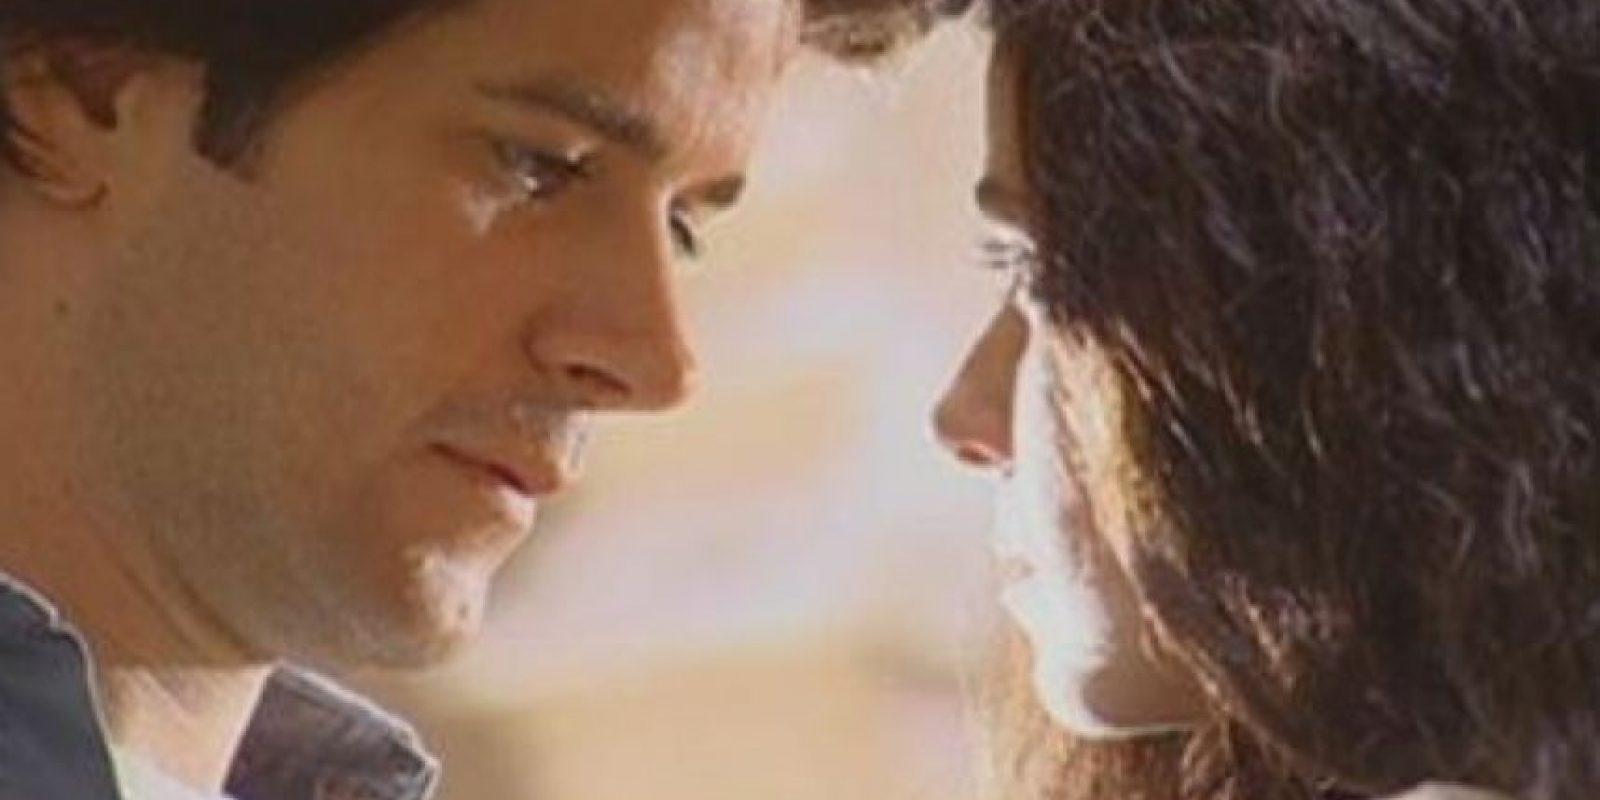 """Luego de muchos obstáculos por fin queda reunido con su amada """"Jade""""."""